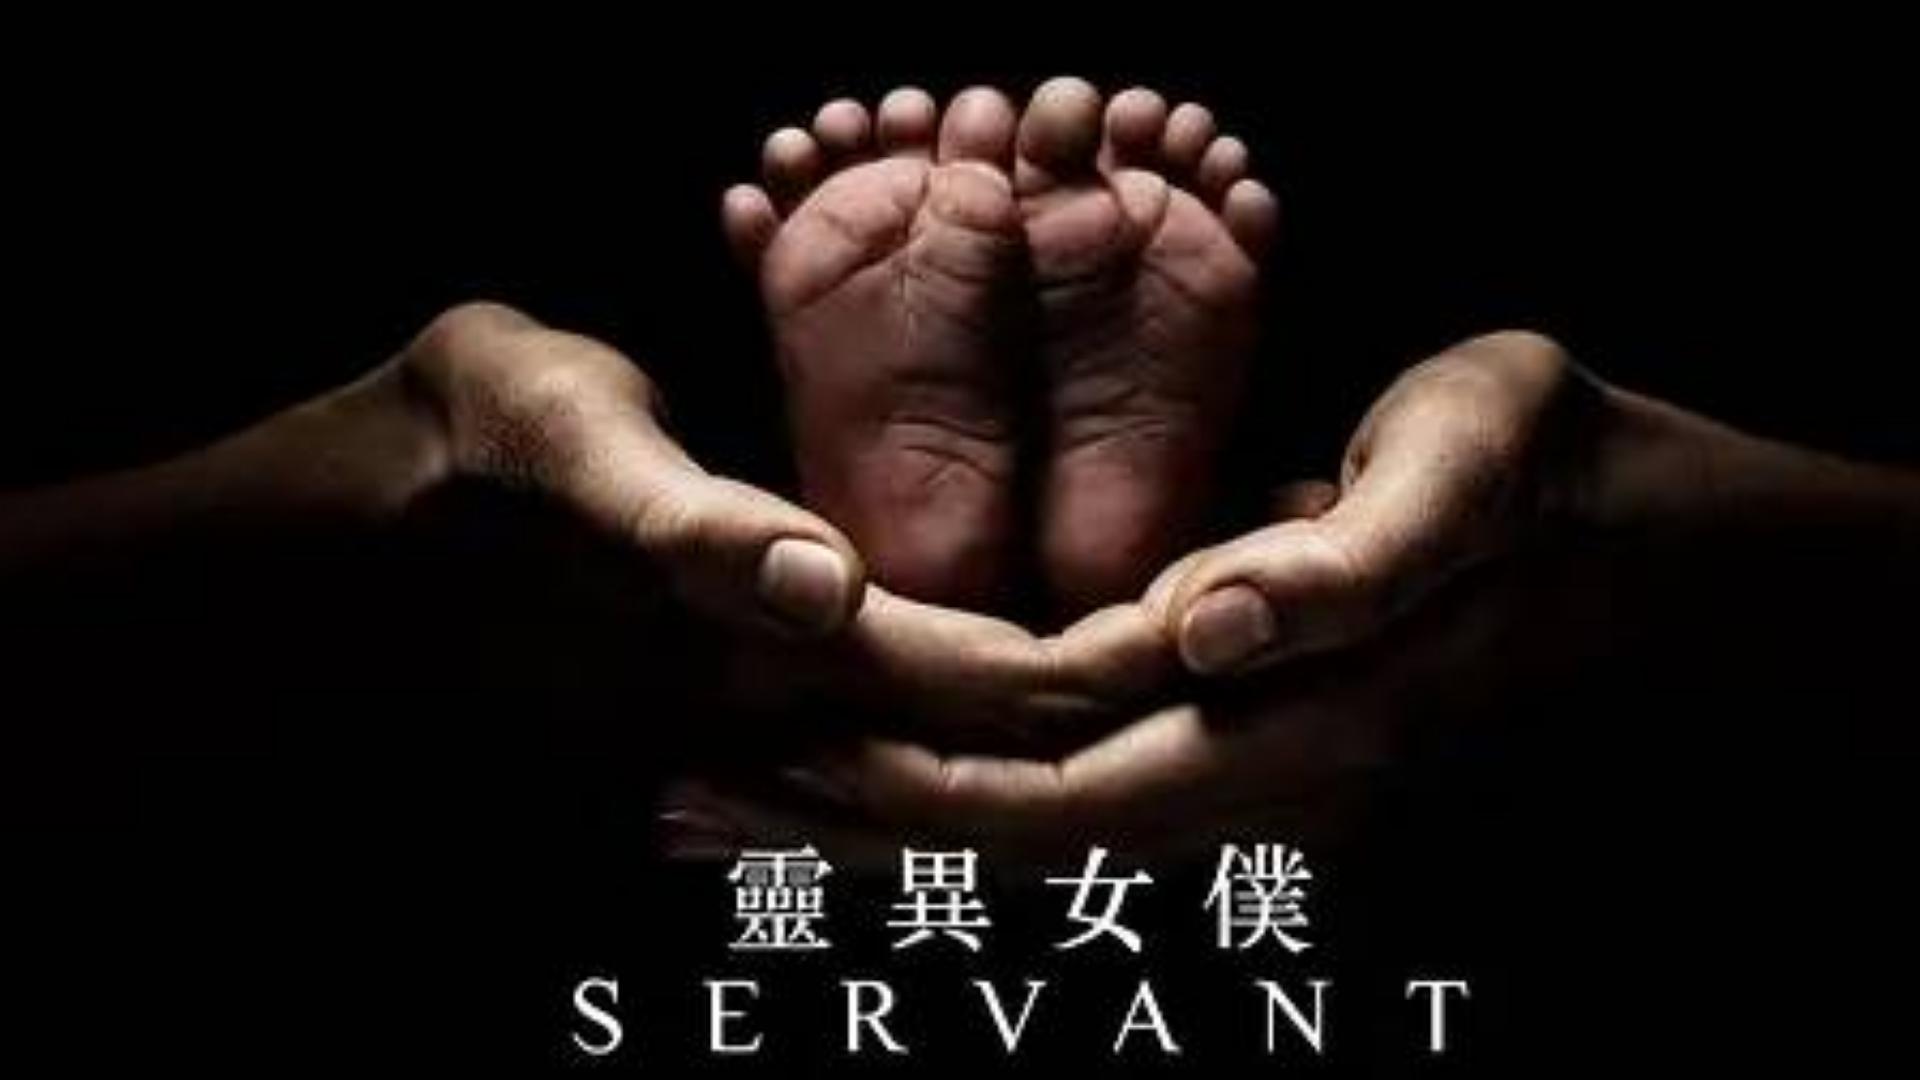 【分】灵异女仆 Servant S01E10-1